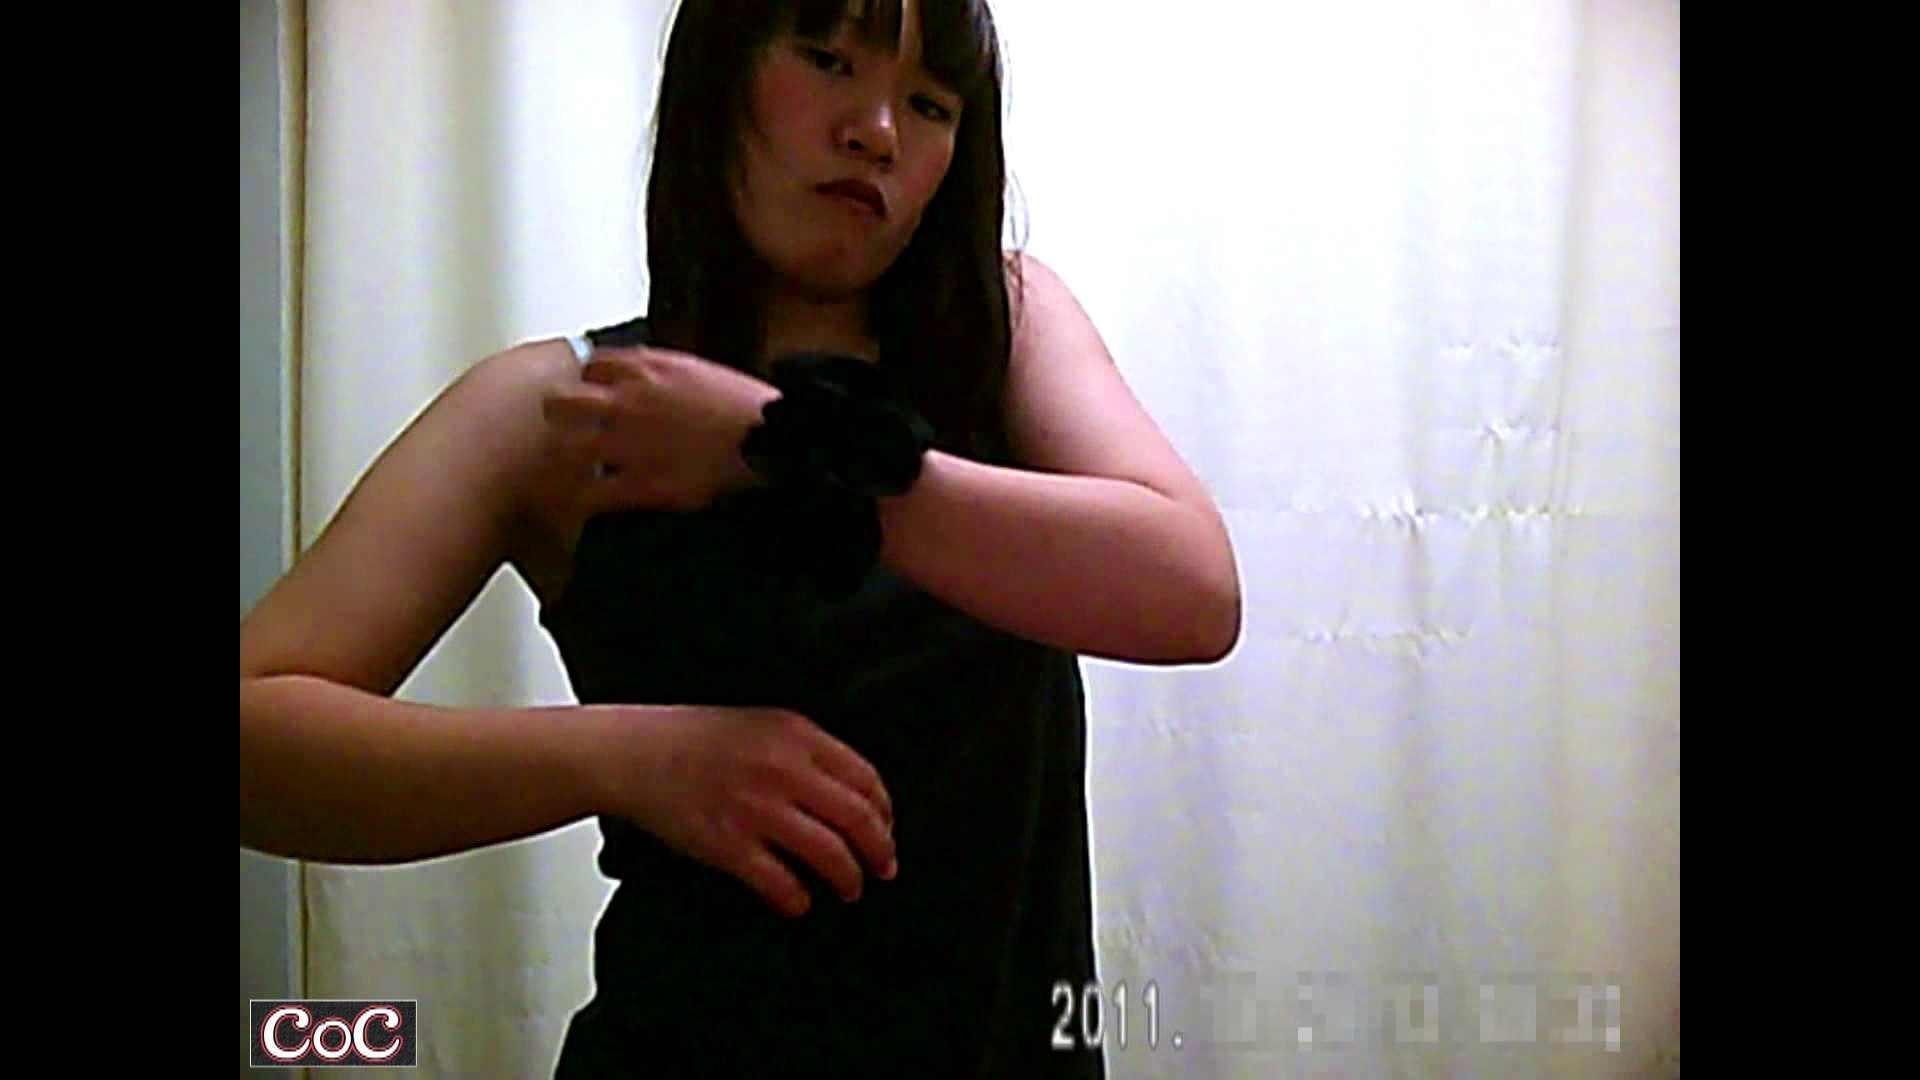 病院おもいっきり着替え! vol.65 貧乳 オマンコ無修正動画無料 89連発 31